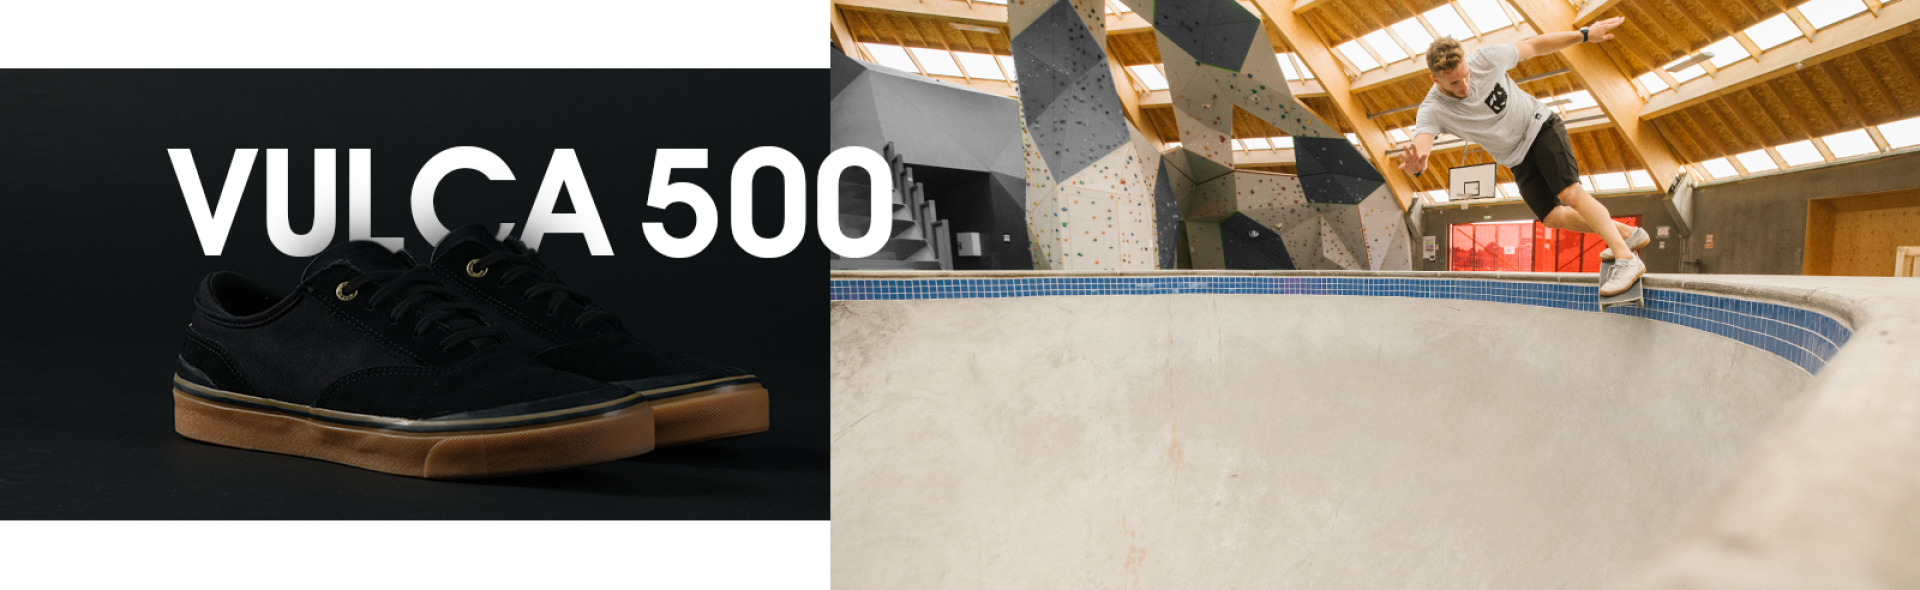 chaussures de skateboard vulca 500